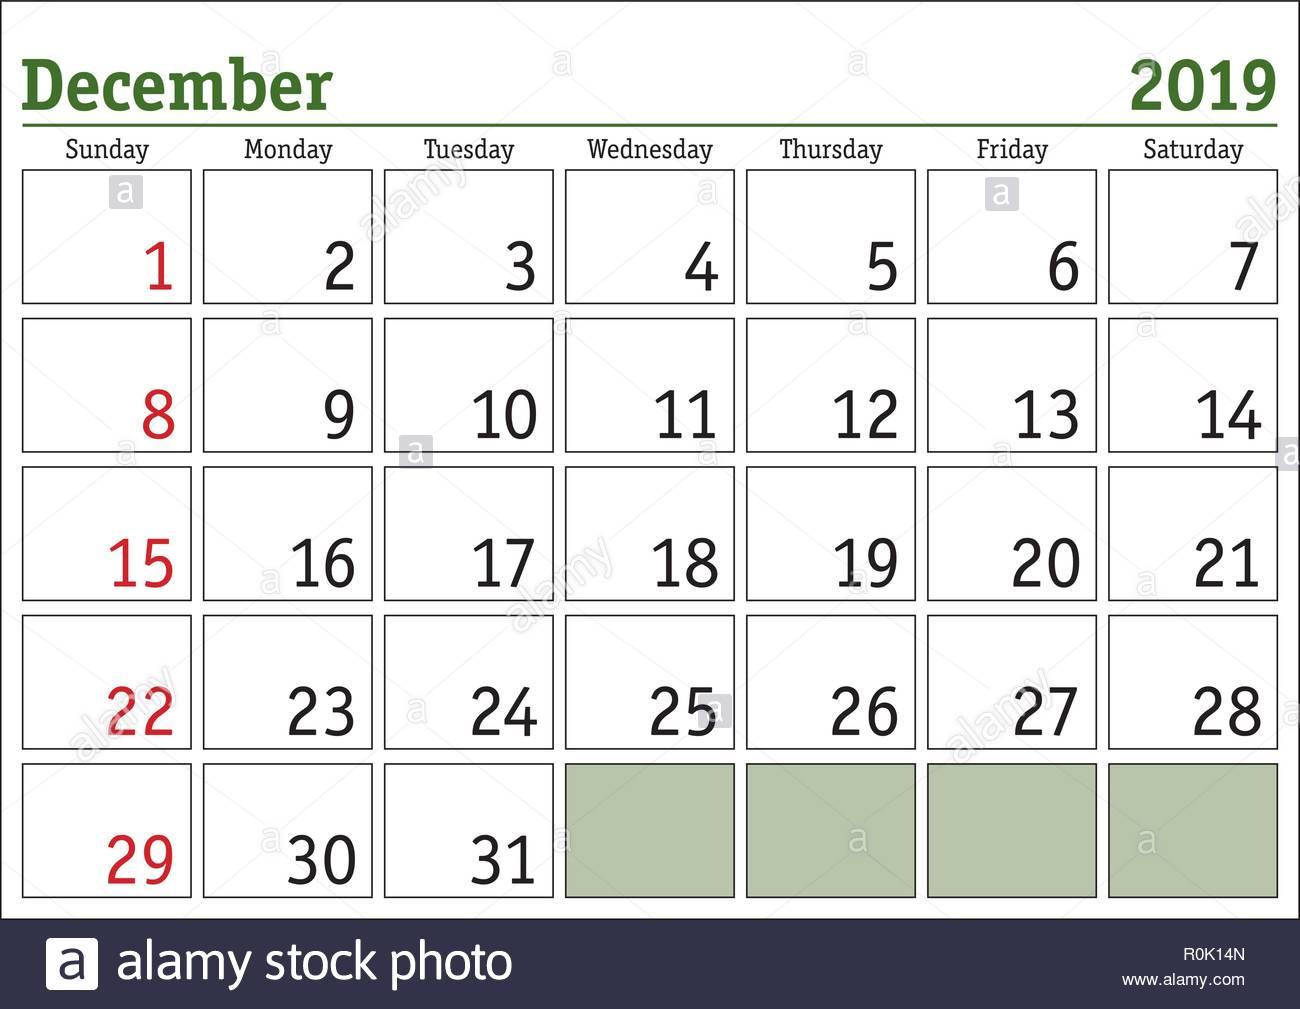 Calendrier Mensuel Decembre 2019.Calendrier Numerique Simple Pour Decembre 2019 Vector